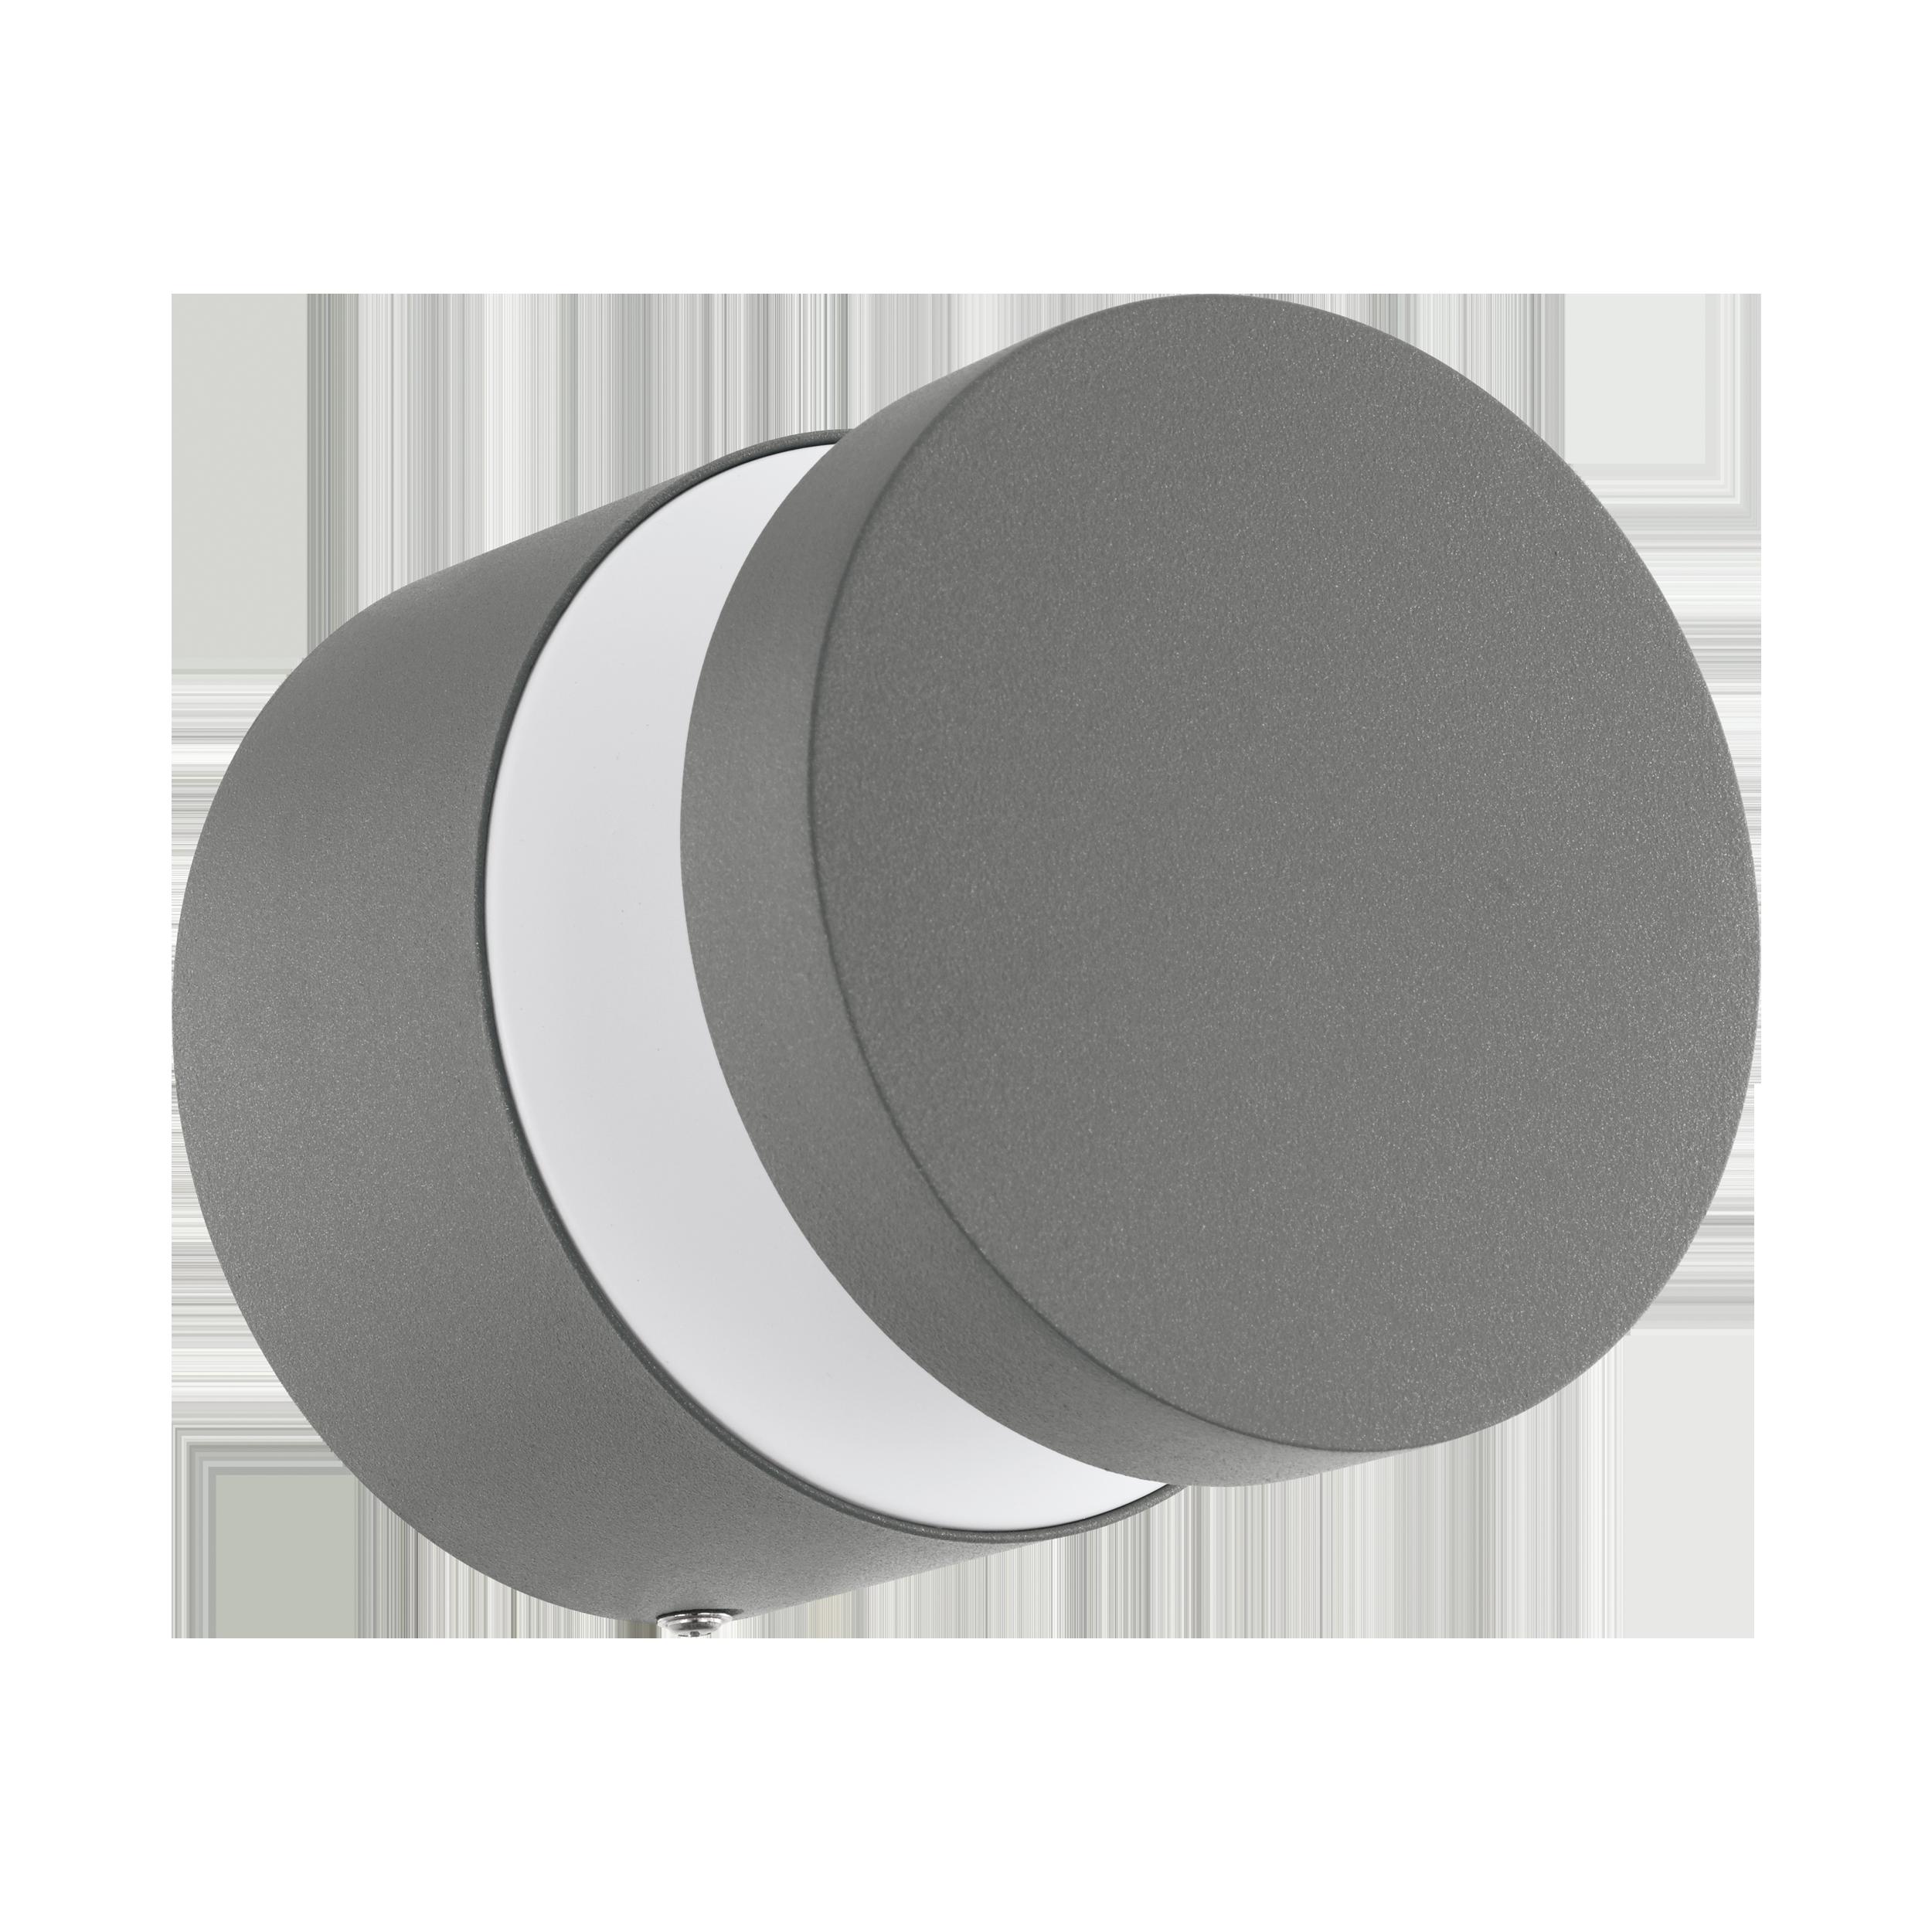 Välisvalgusti MELZO, LED 11W 950lm 3000K, IP44, alumiinium, hõbedane / plastik, läbipaistev